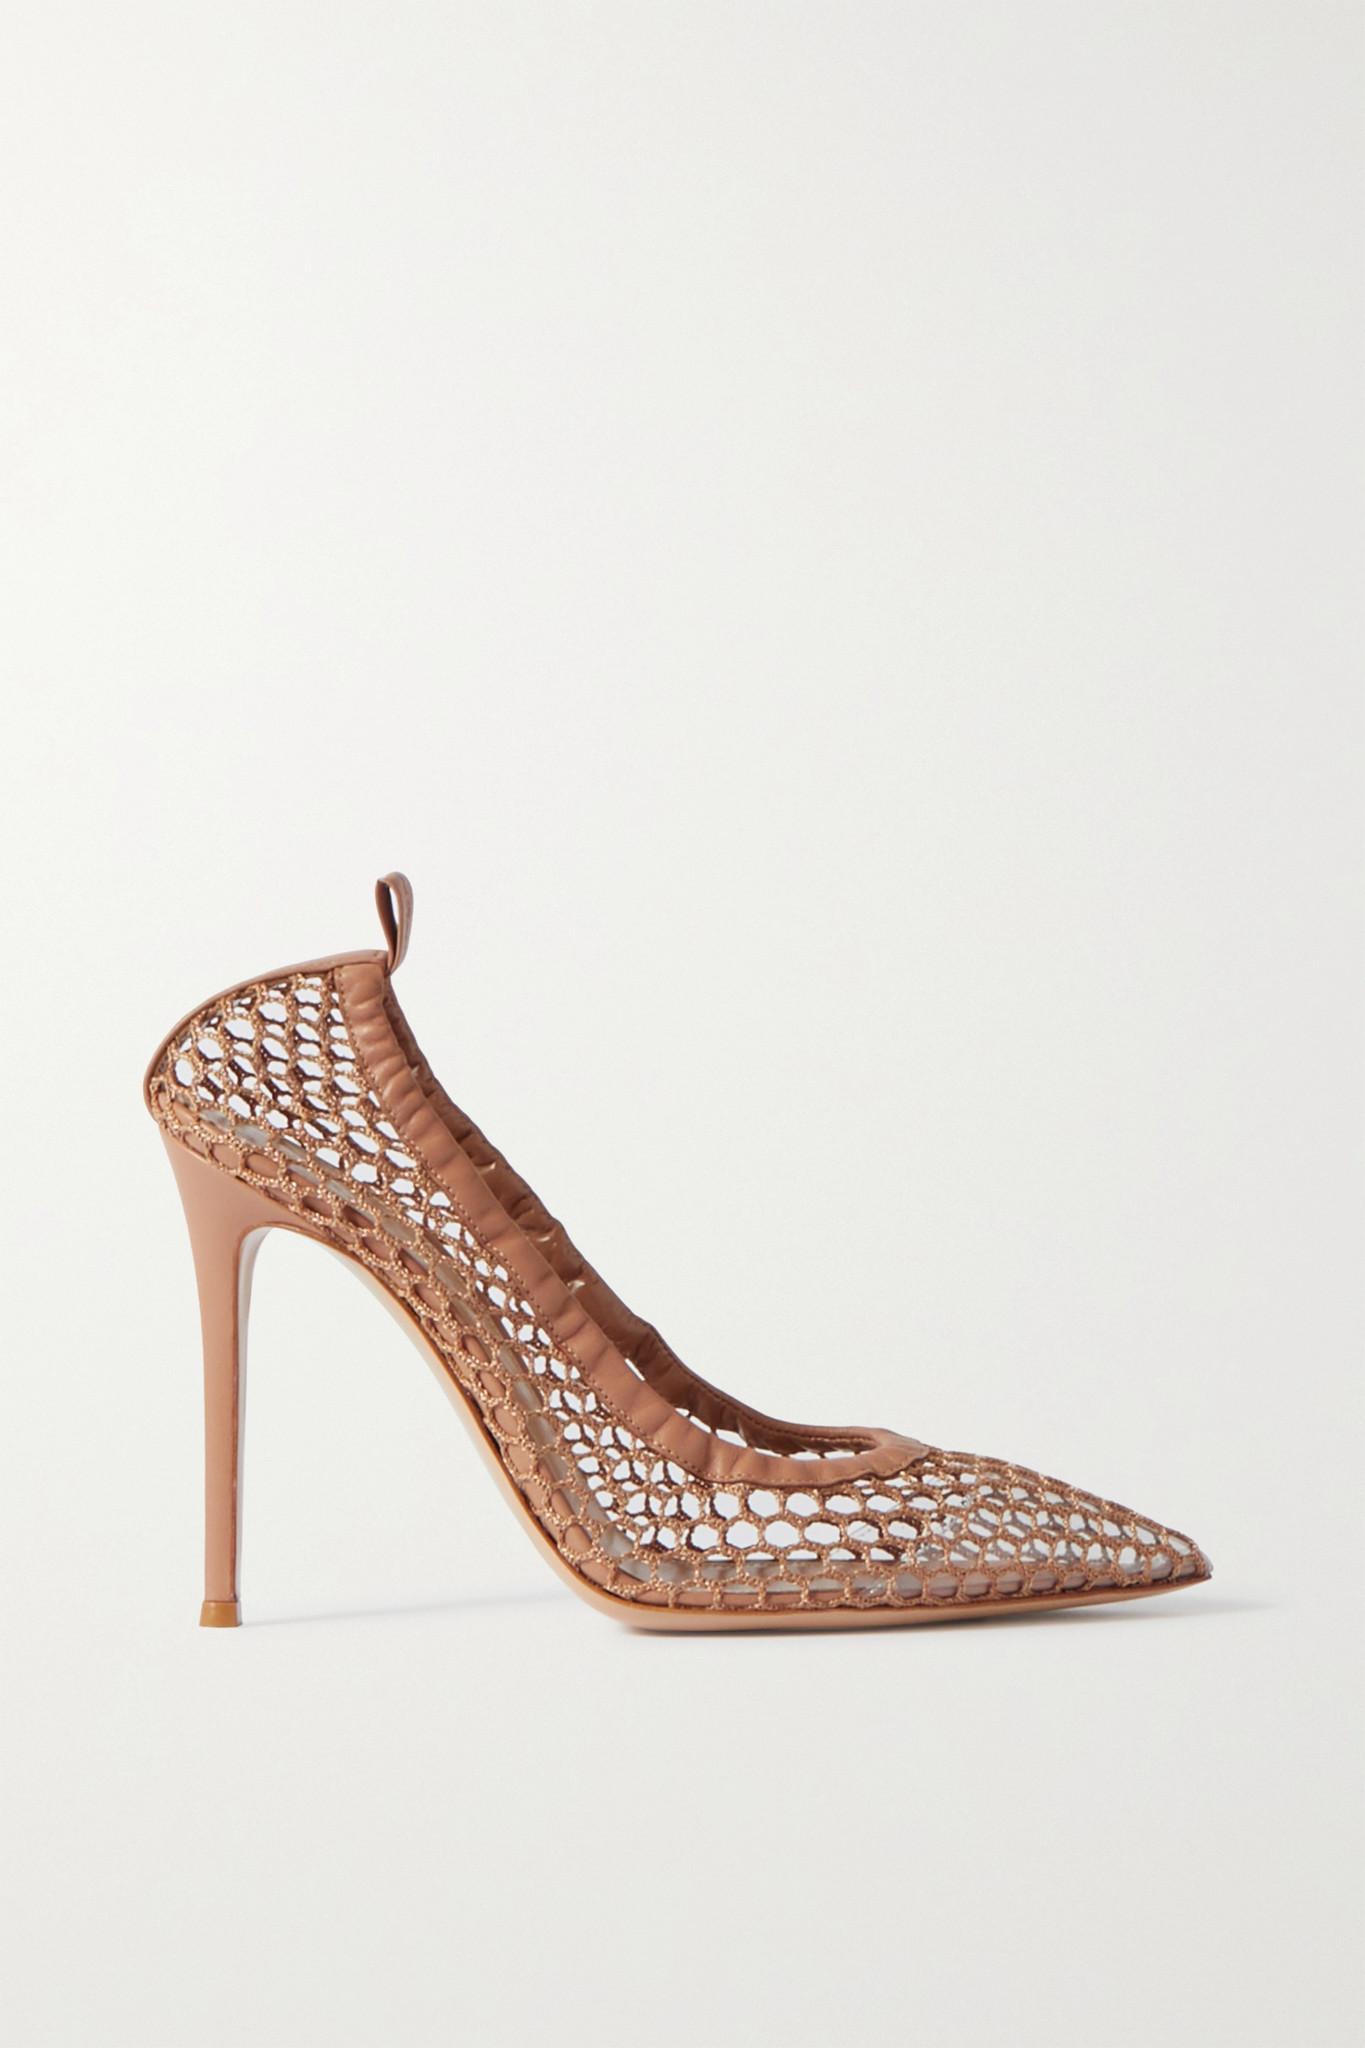 GIANVITO ROSSI - 105 皮革边饰网布高跟鞋 - 中性色 - IT37.5